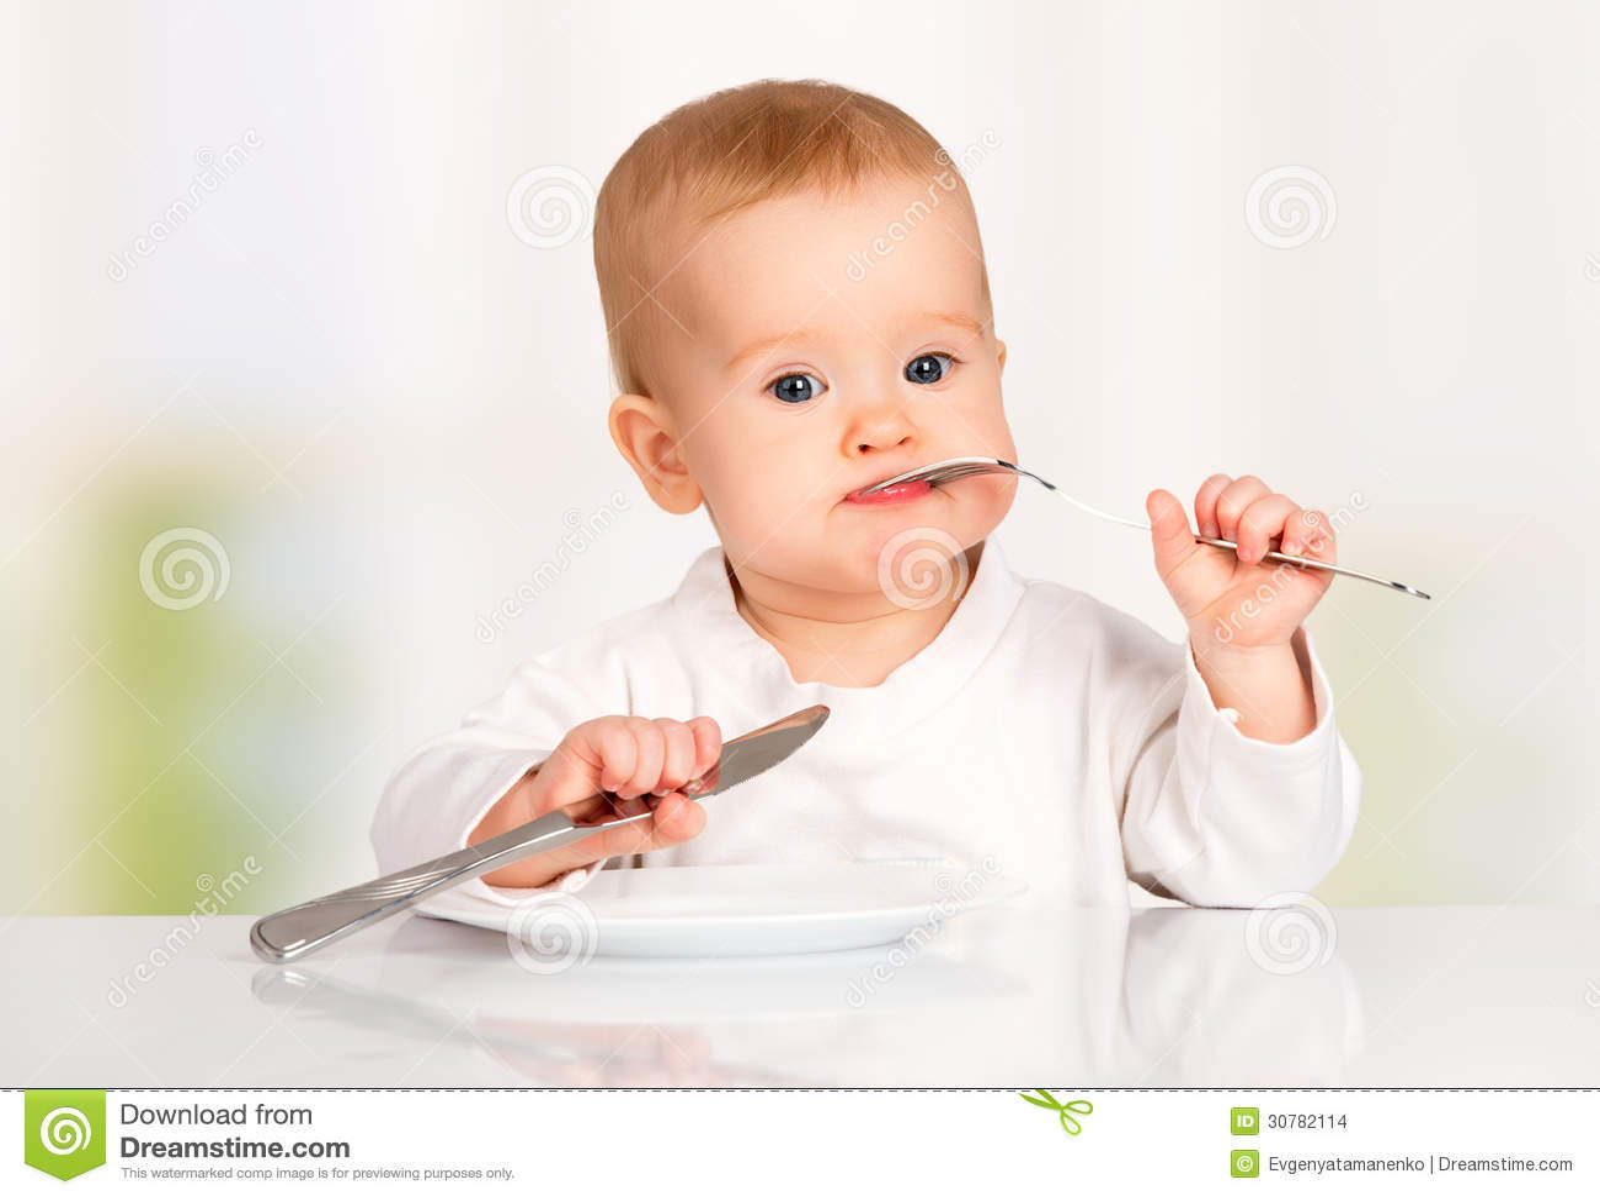 Bébé drôle avec un couteau et une fourchette mangeant de la nourriture